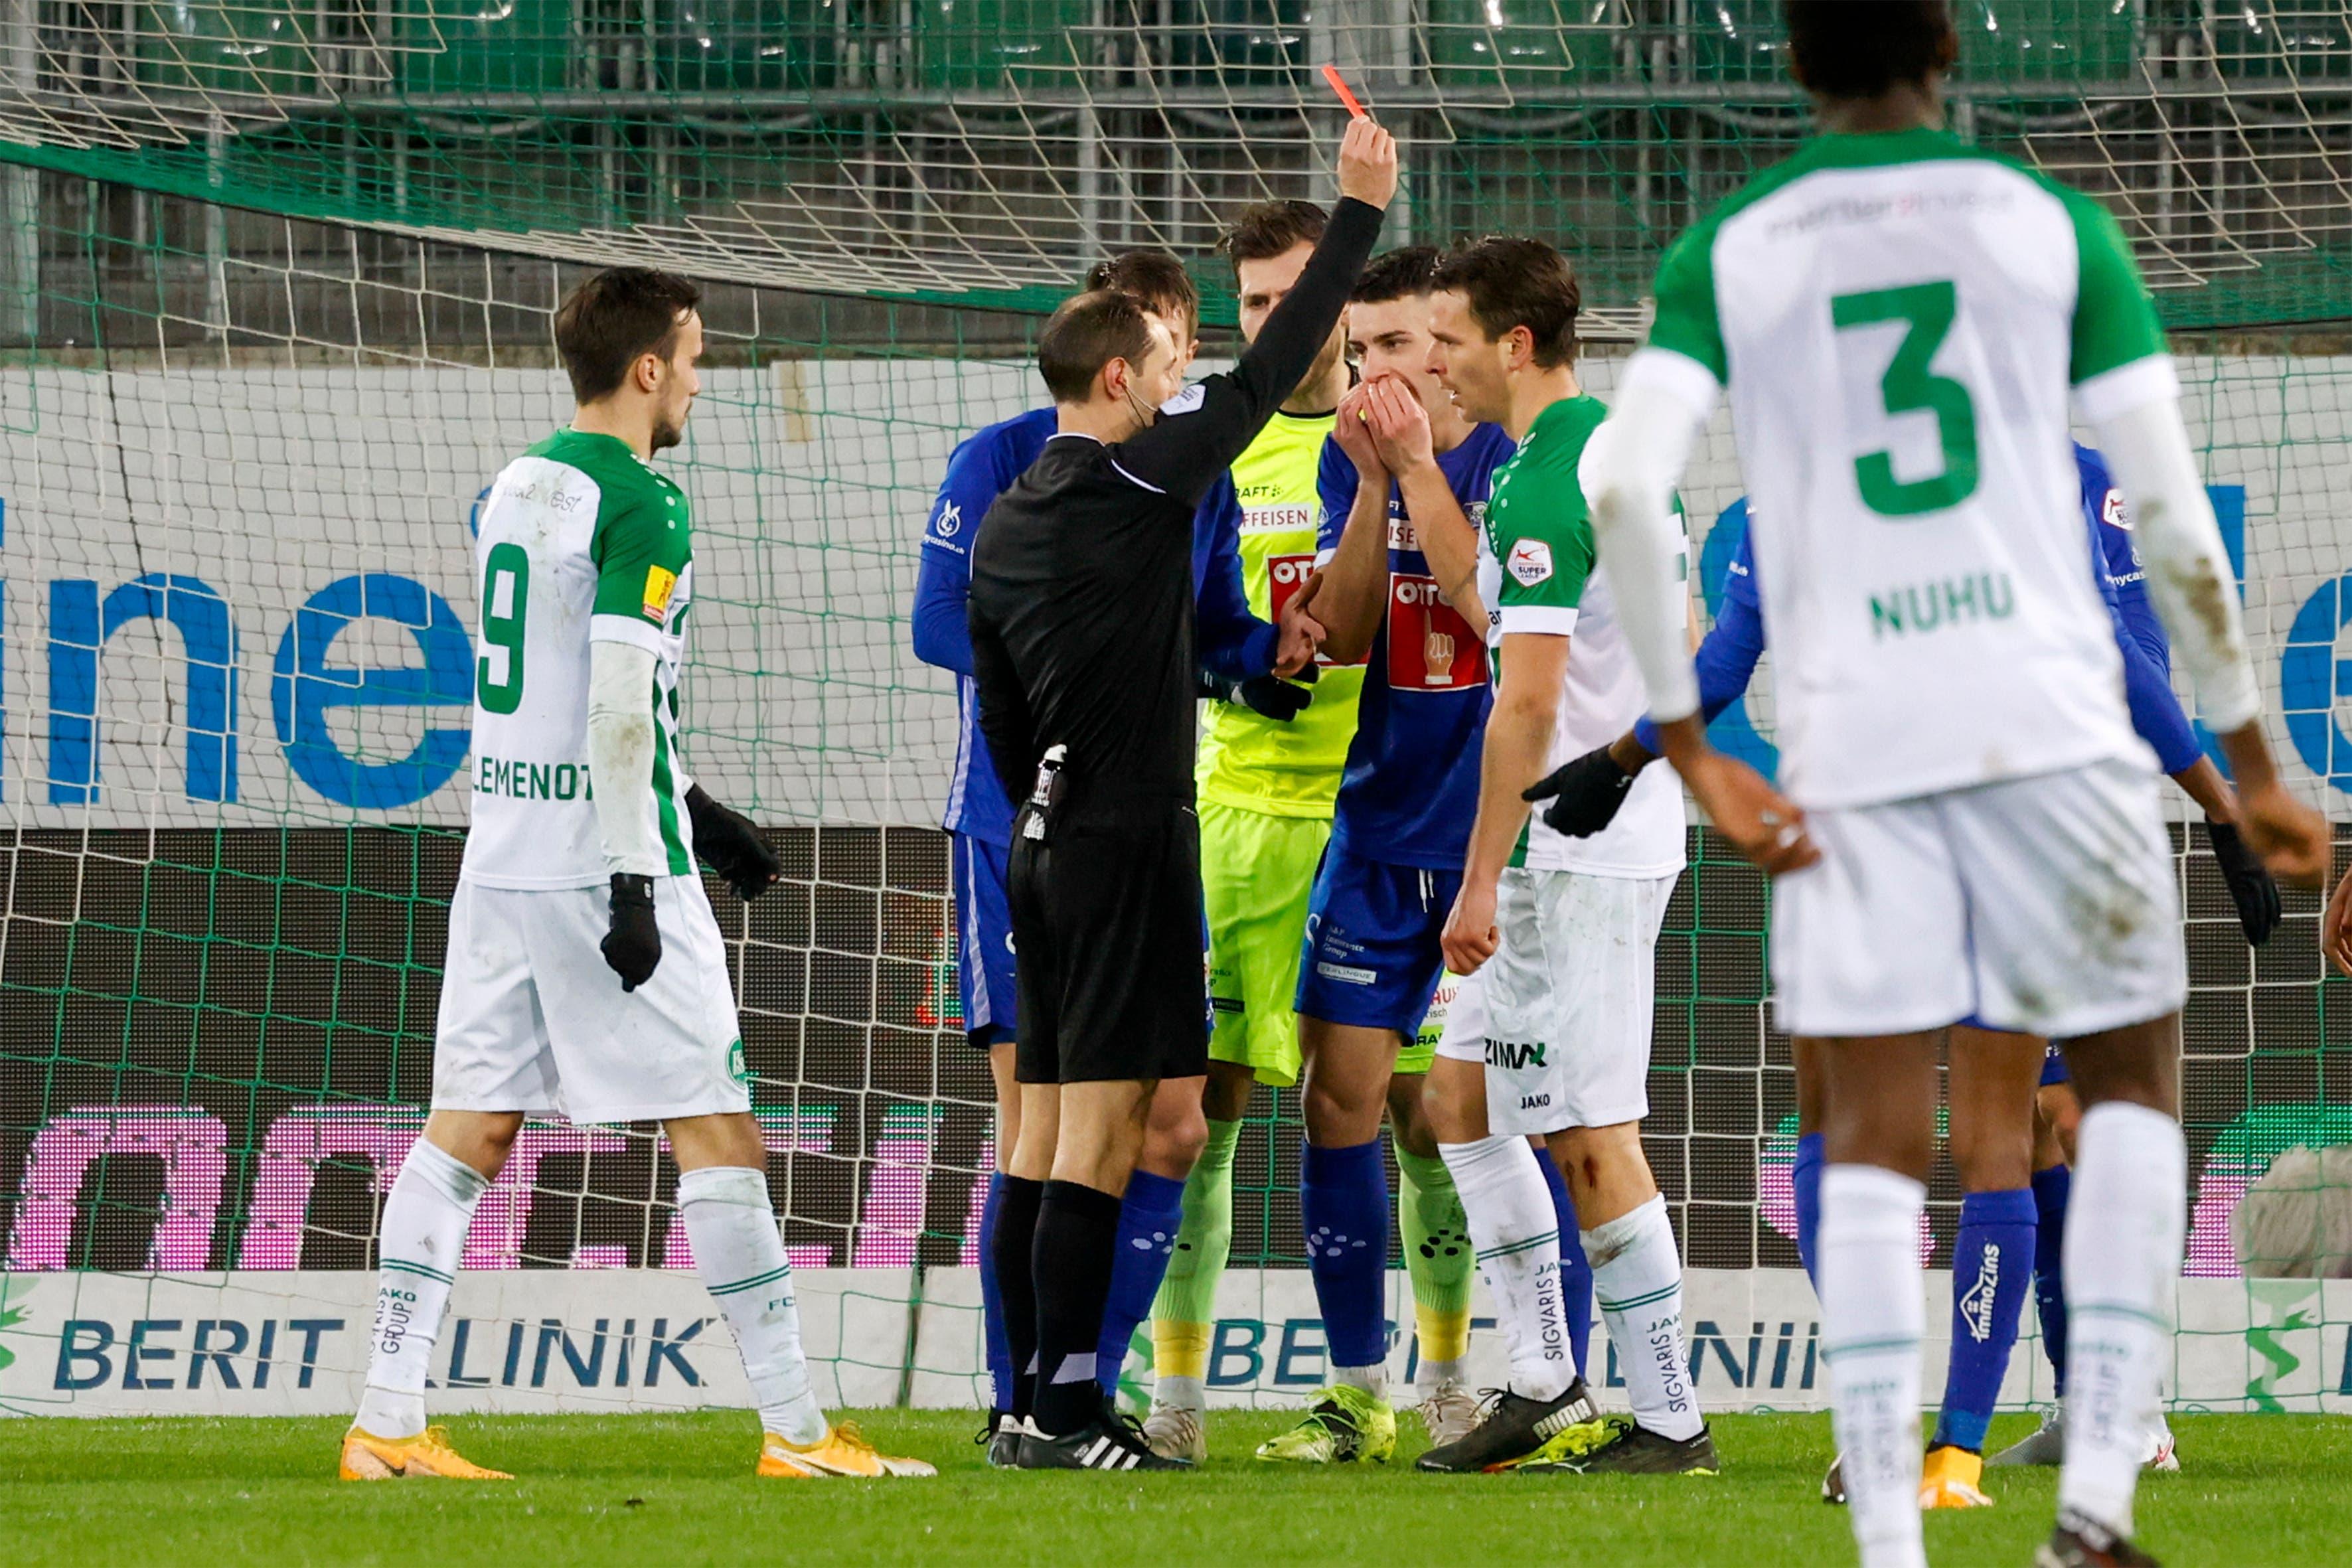 Die beiden Mannschaften lieferten sich ein umkämpftes Spiel. Schiedsrichter Stefan Horisberger zückte einige Male die Gelbe Karte und einer sah sogar Rot: Luzerns Verteidiger Martin Frydek.